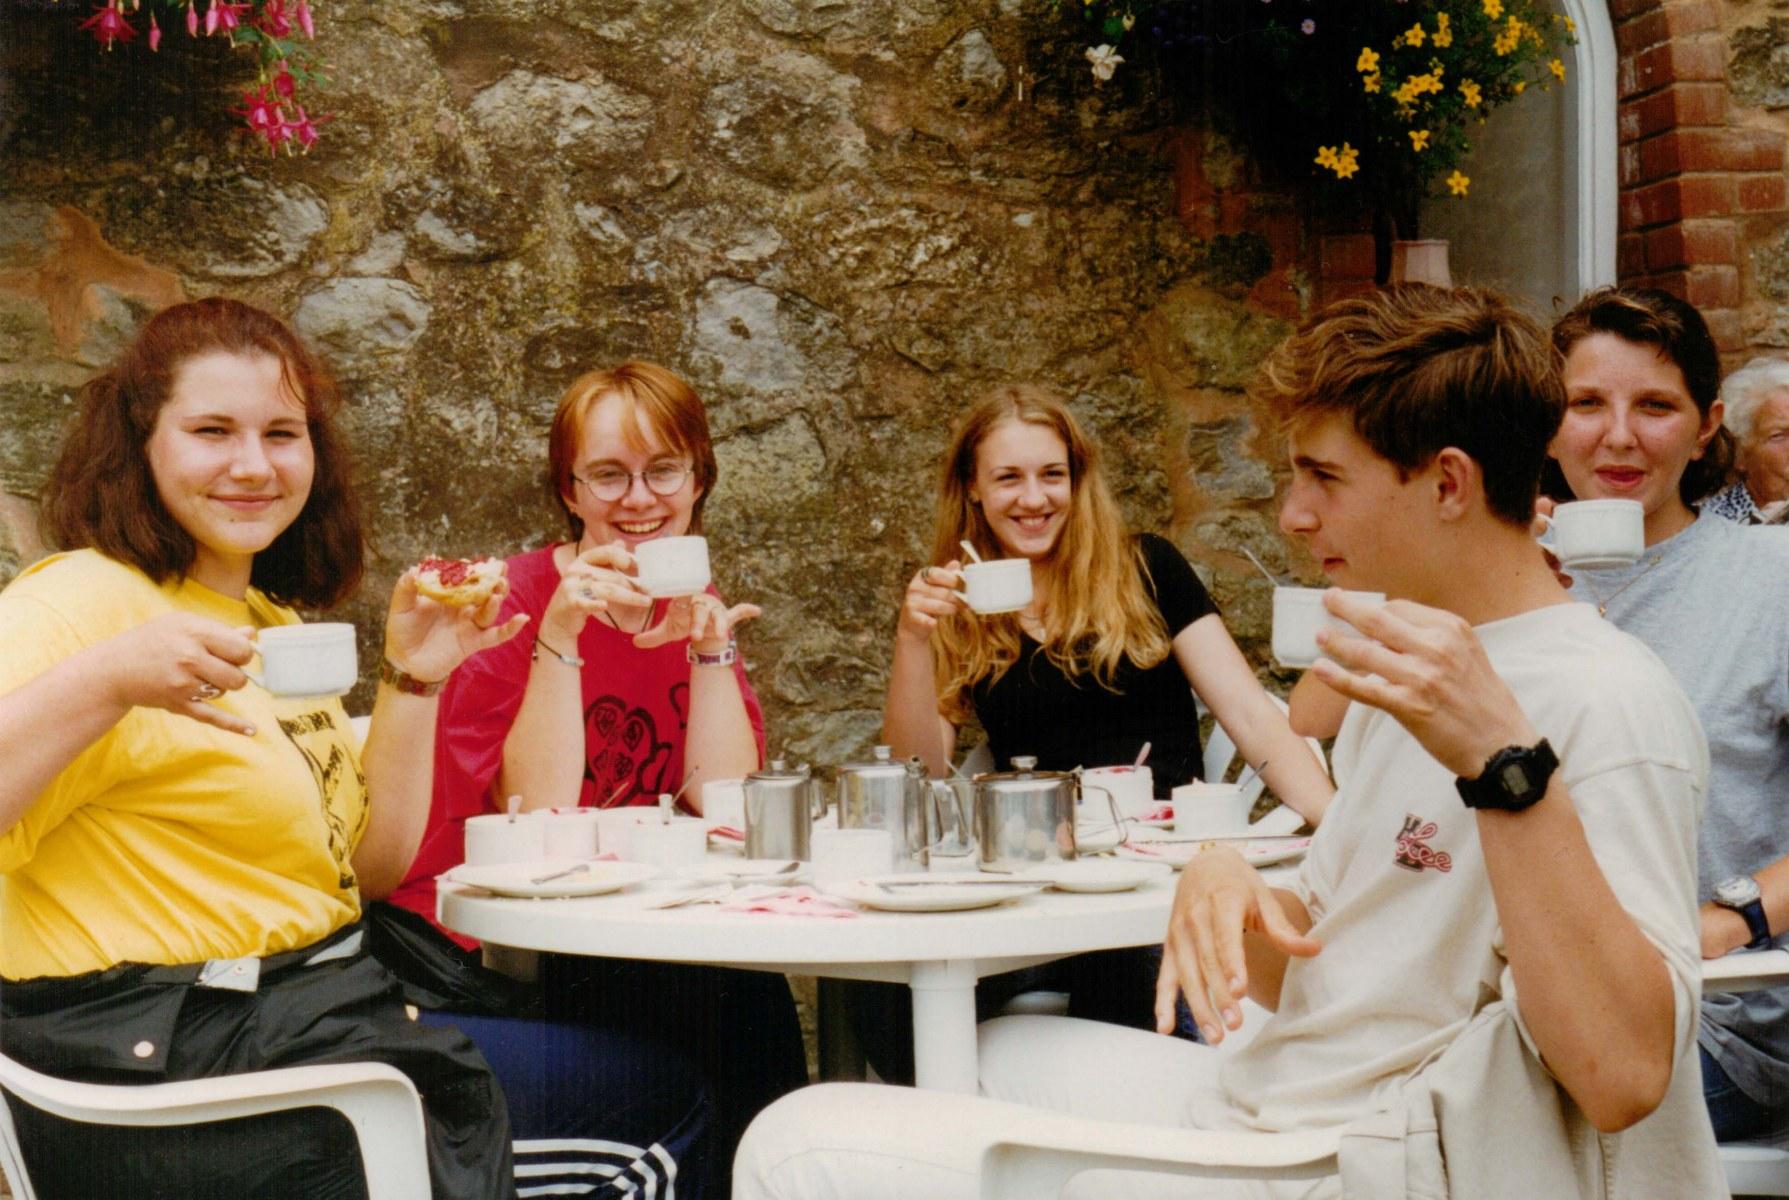 a group of international friends enjoying an English Cream tea